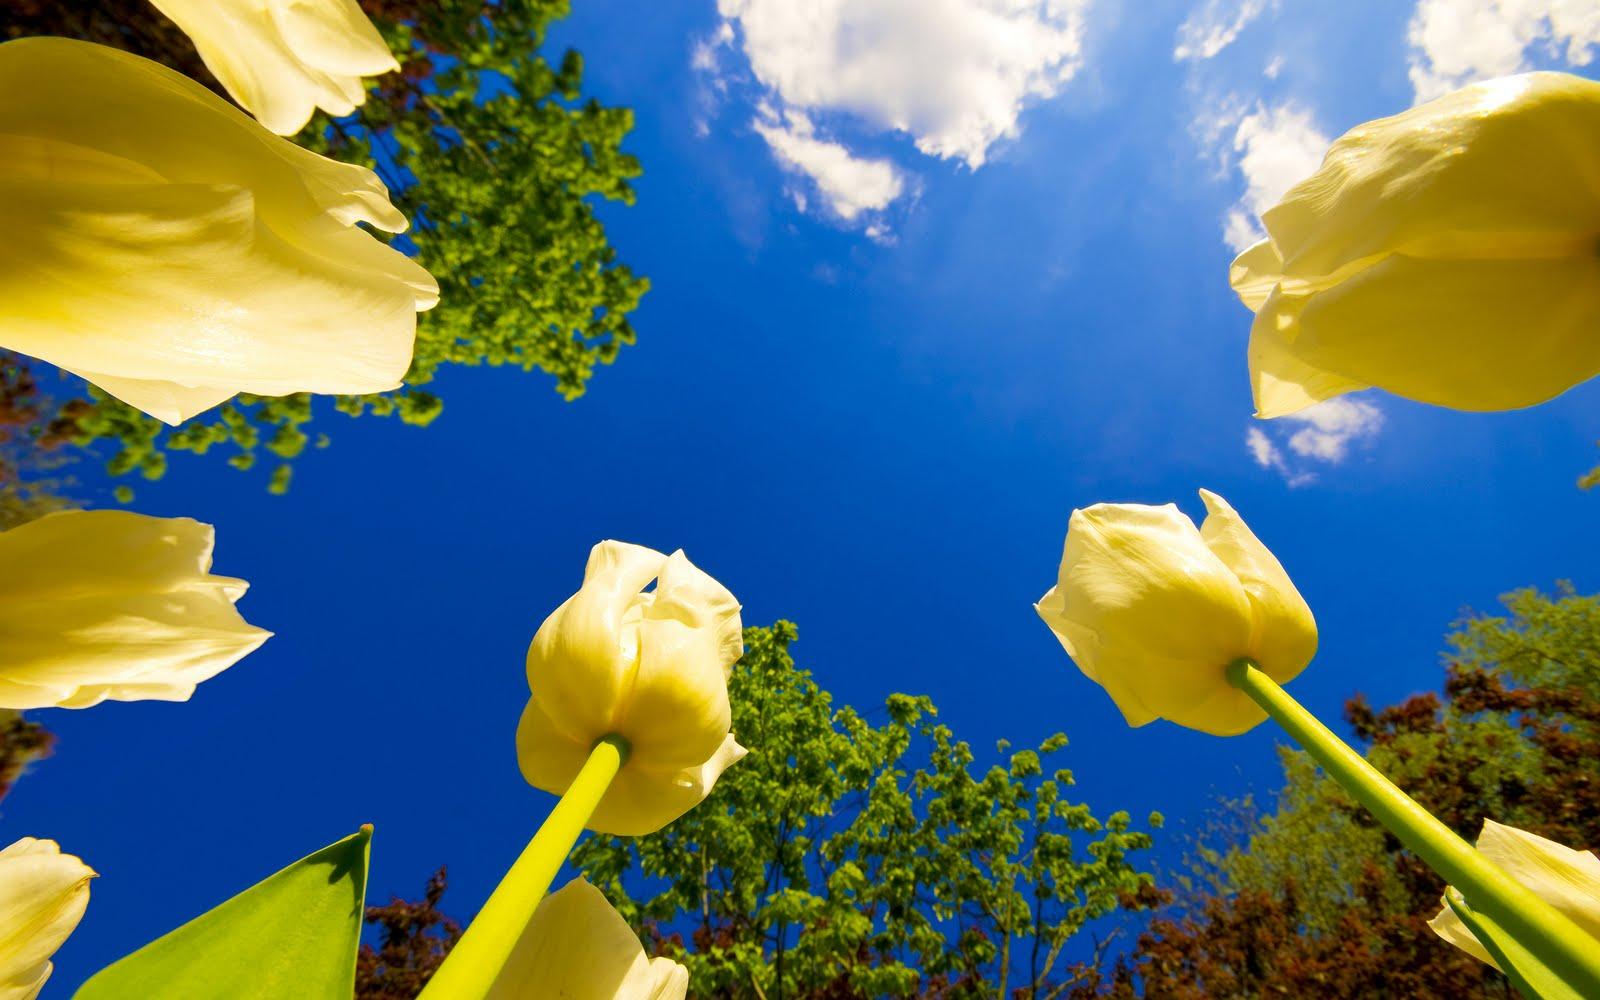 Fotos E Imagens De Flores - Flor lotus Banco de Imagens e Fotos 24 737 flor lotus fotos e